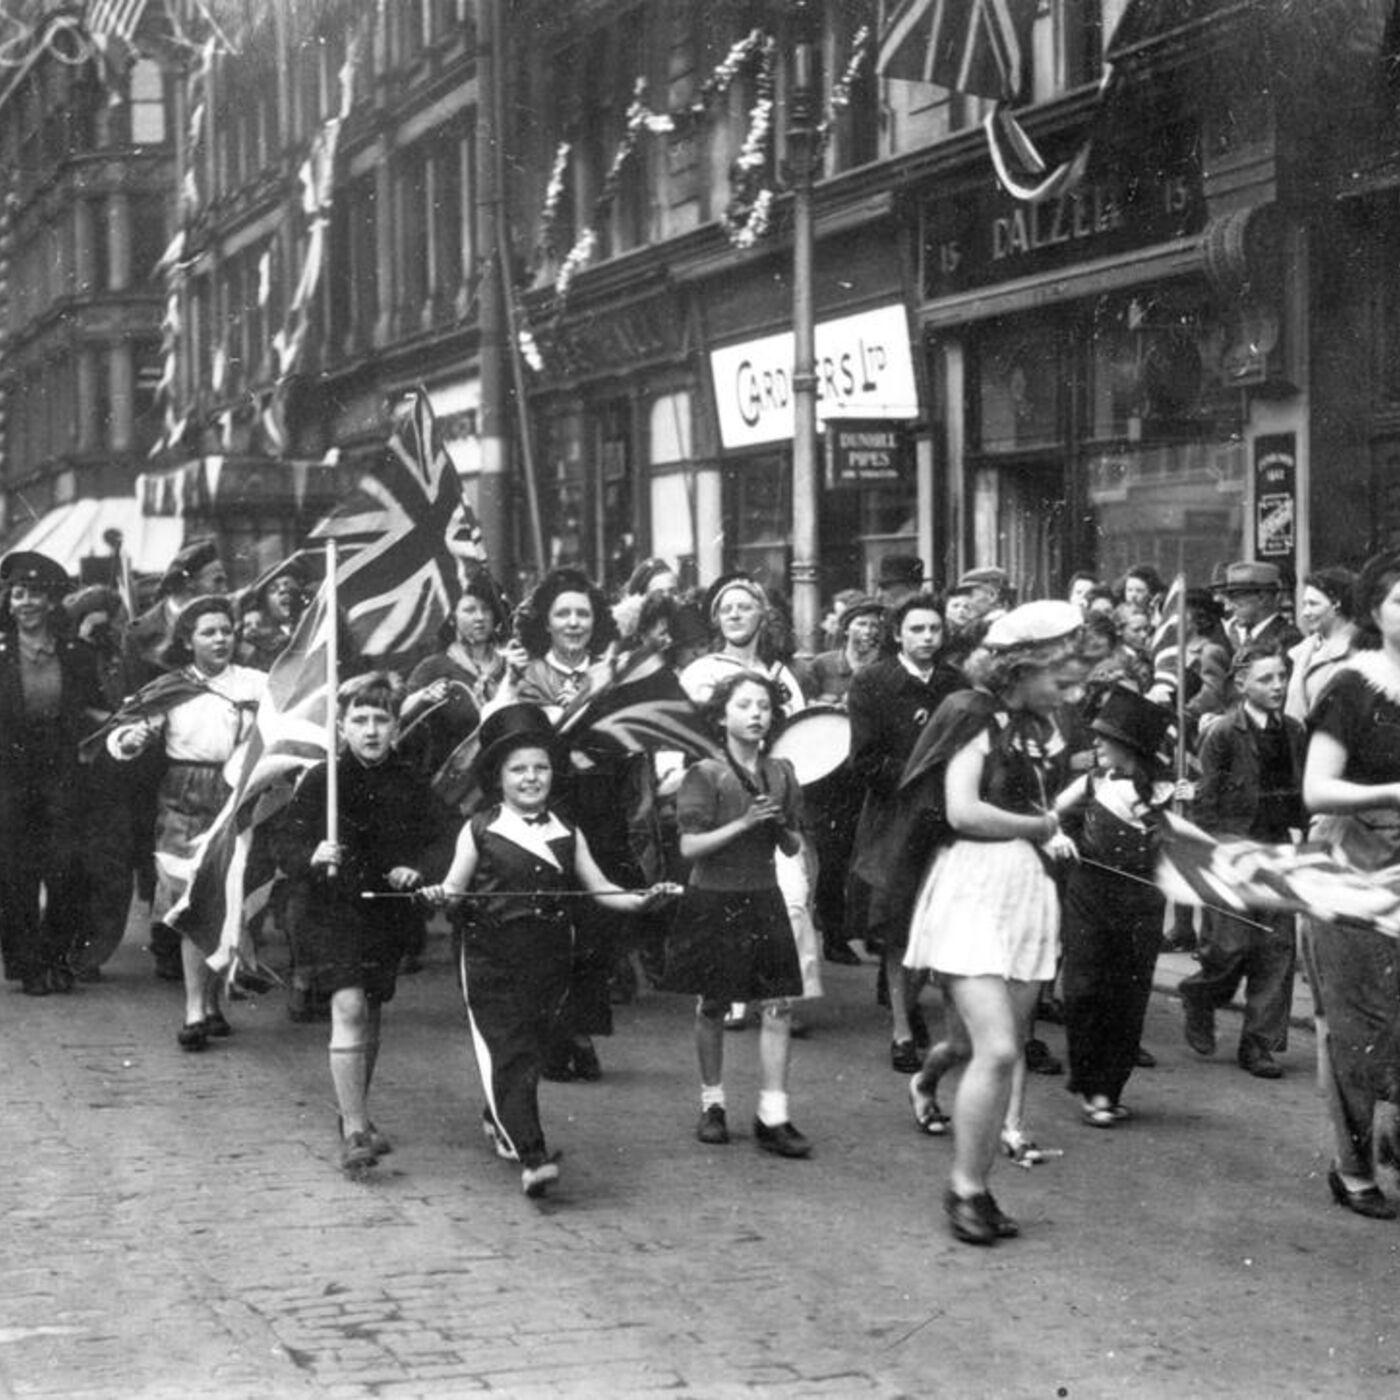 VE Day in Belfast 1945